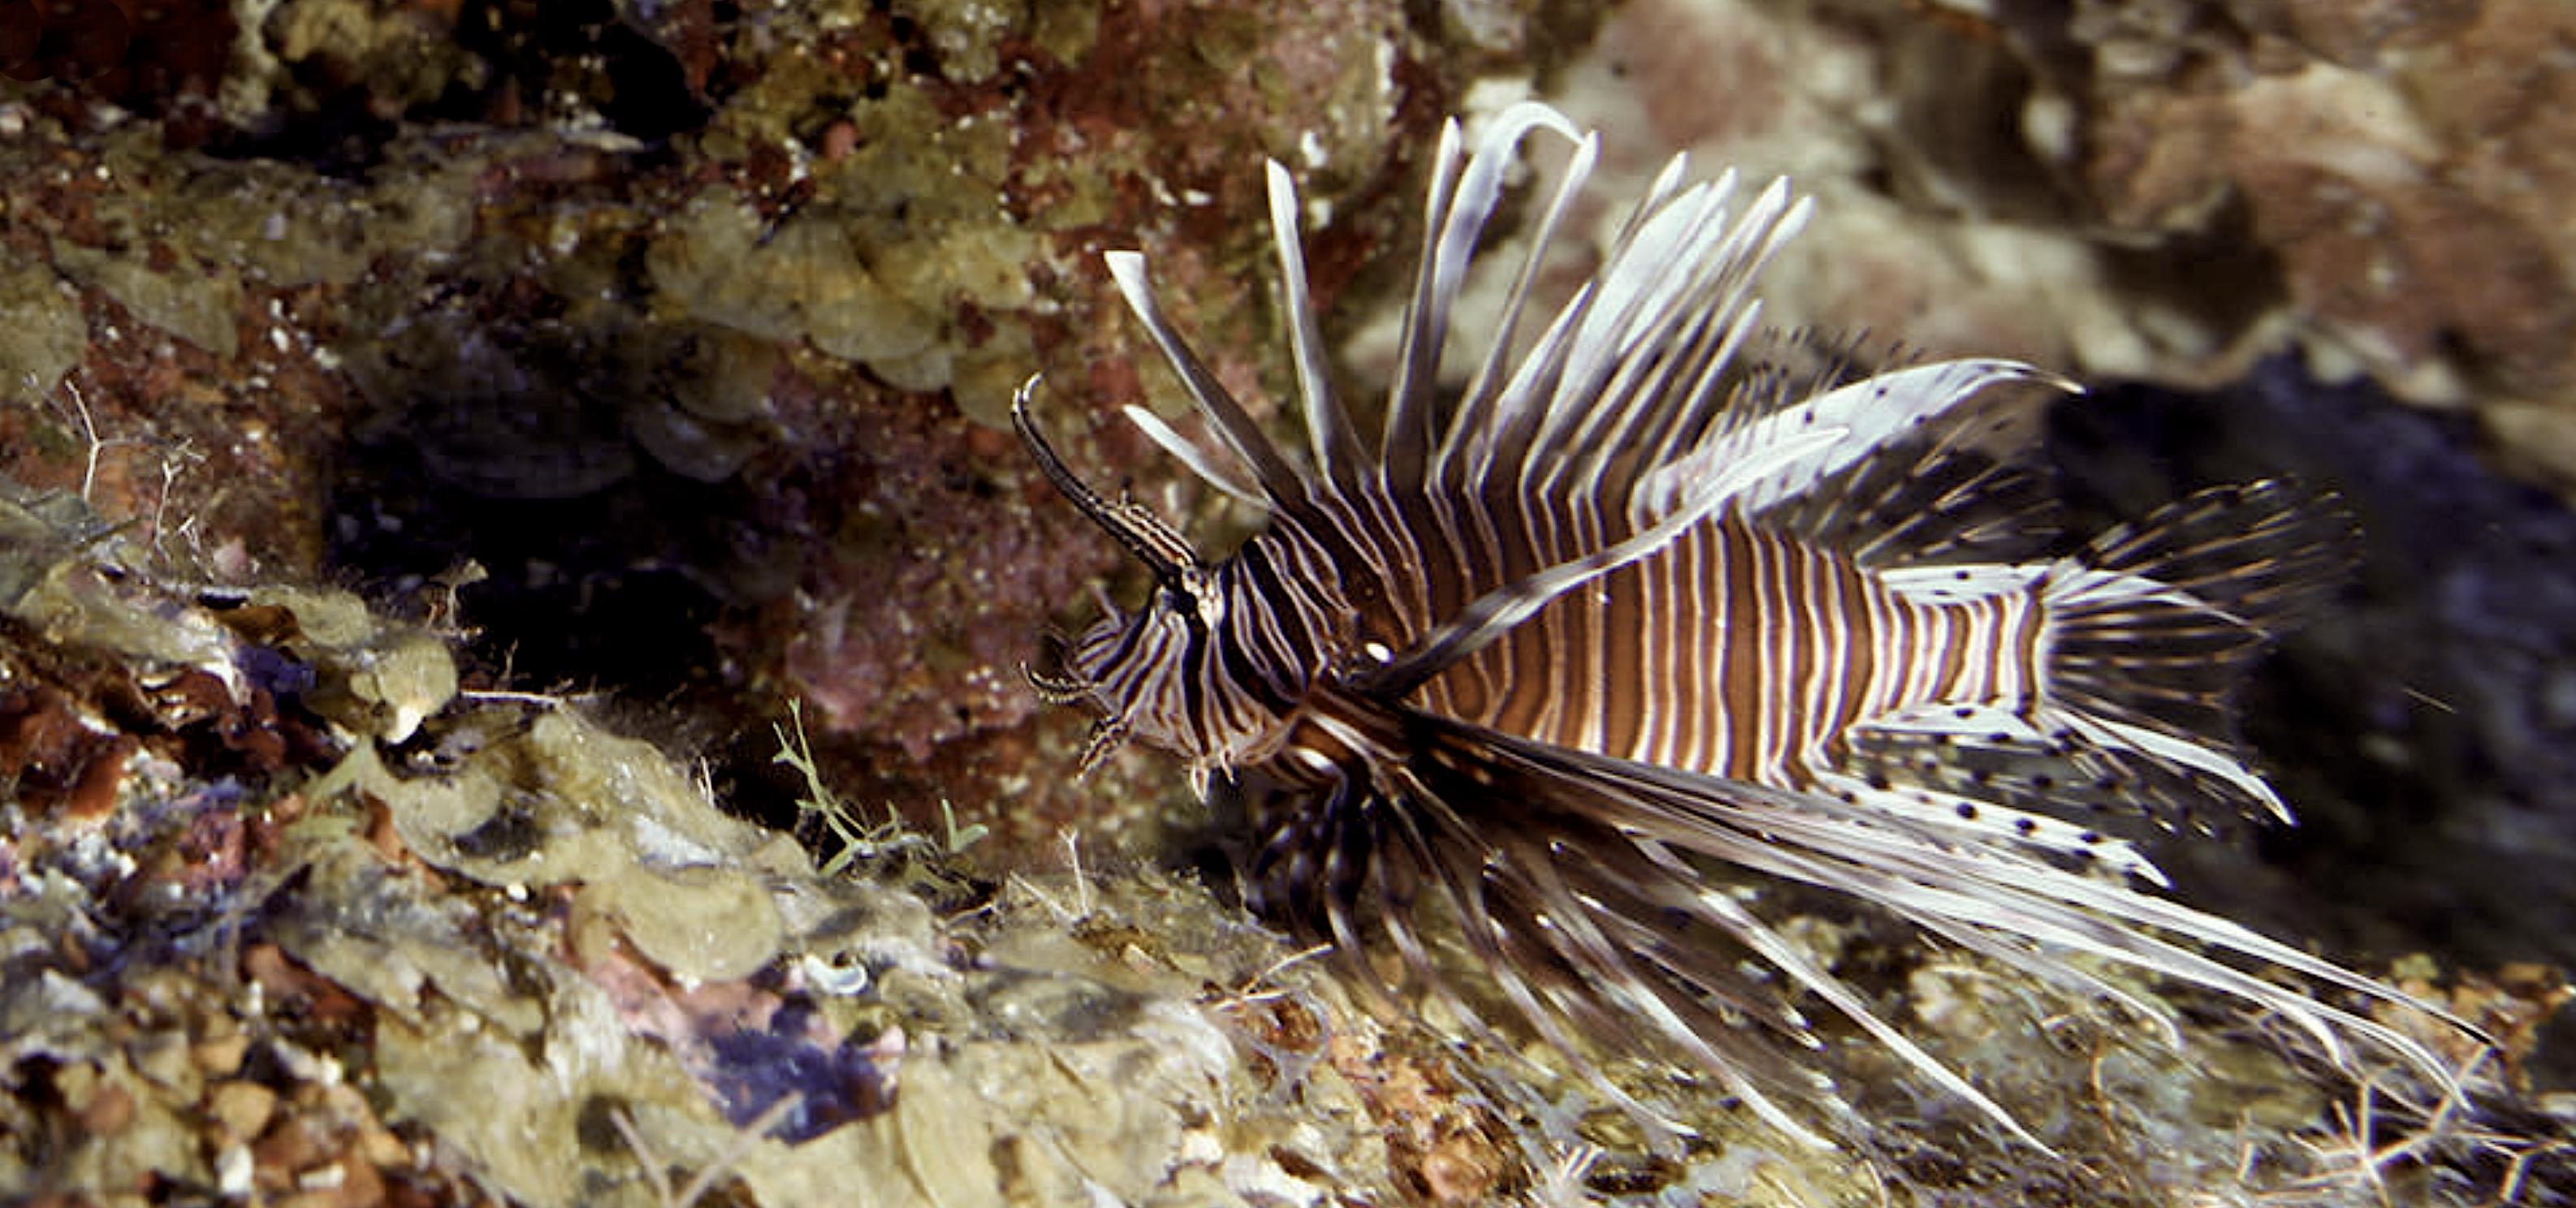 Lionfish, courtesy of NOAA.